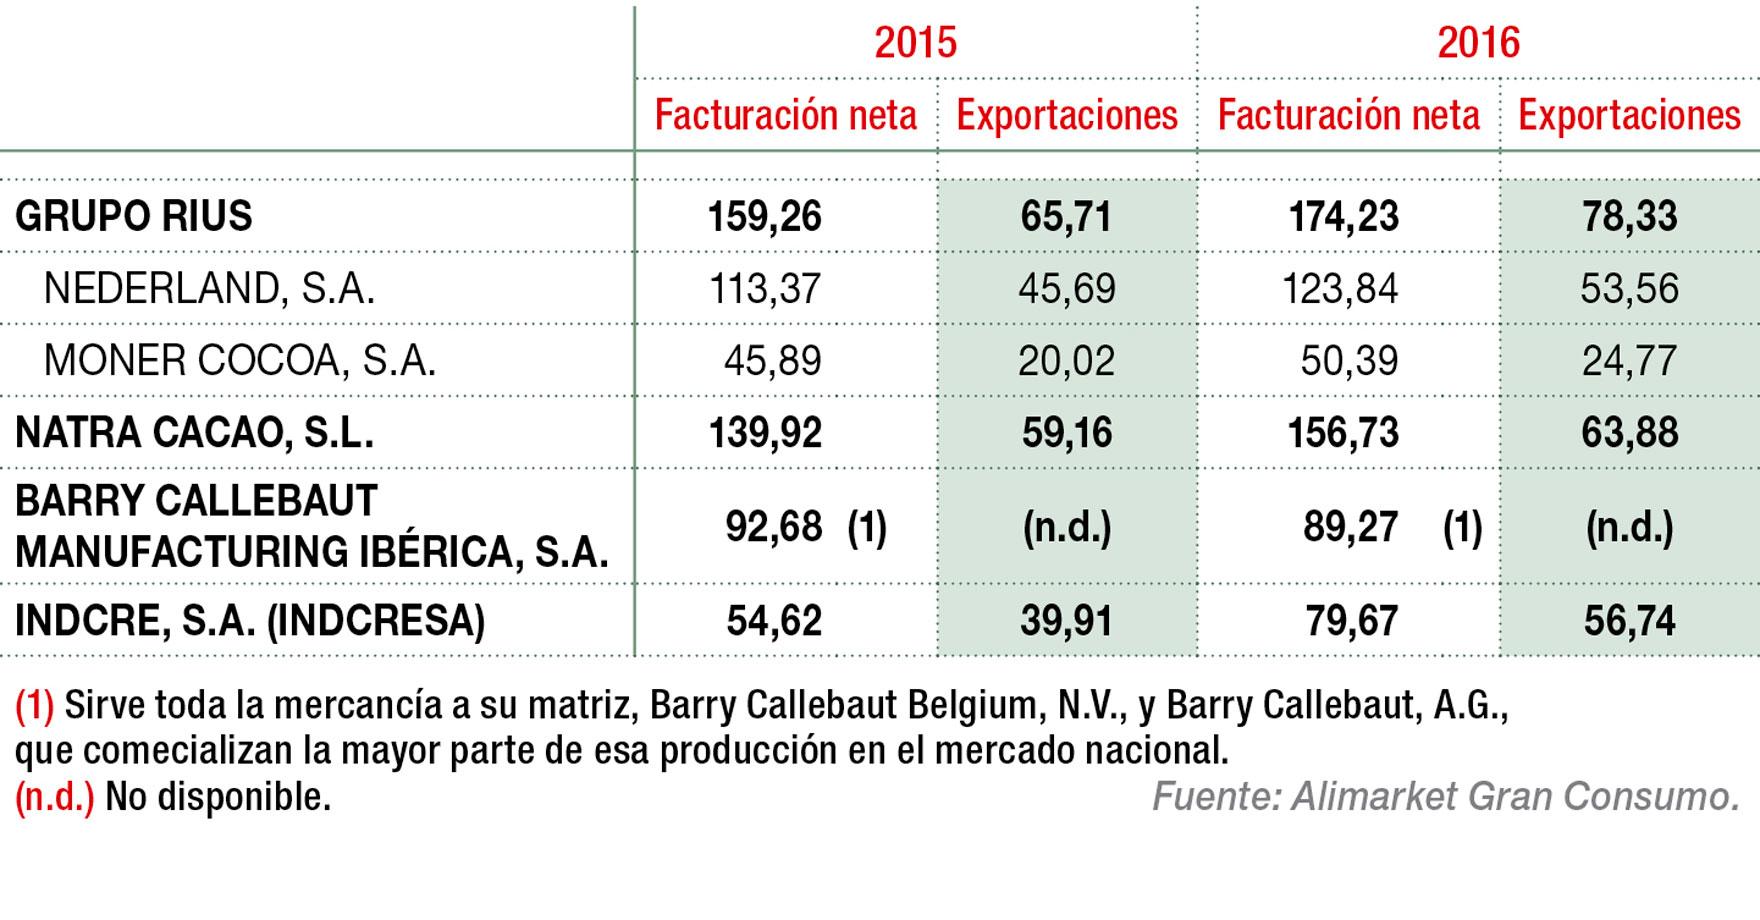 Principales fabricantes y comercializadores de cacaos y chocolates industriales por ingresos (M€)(t)